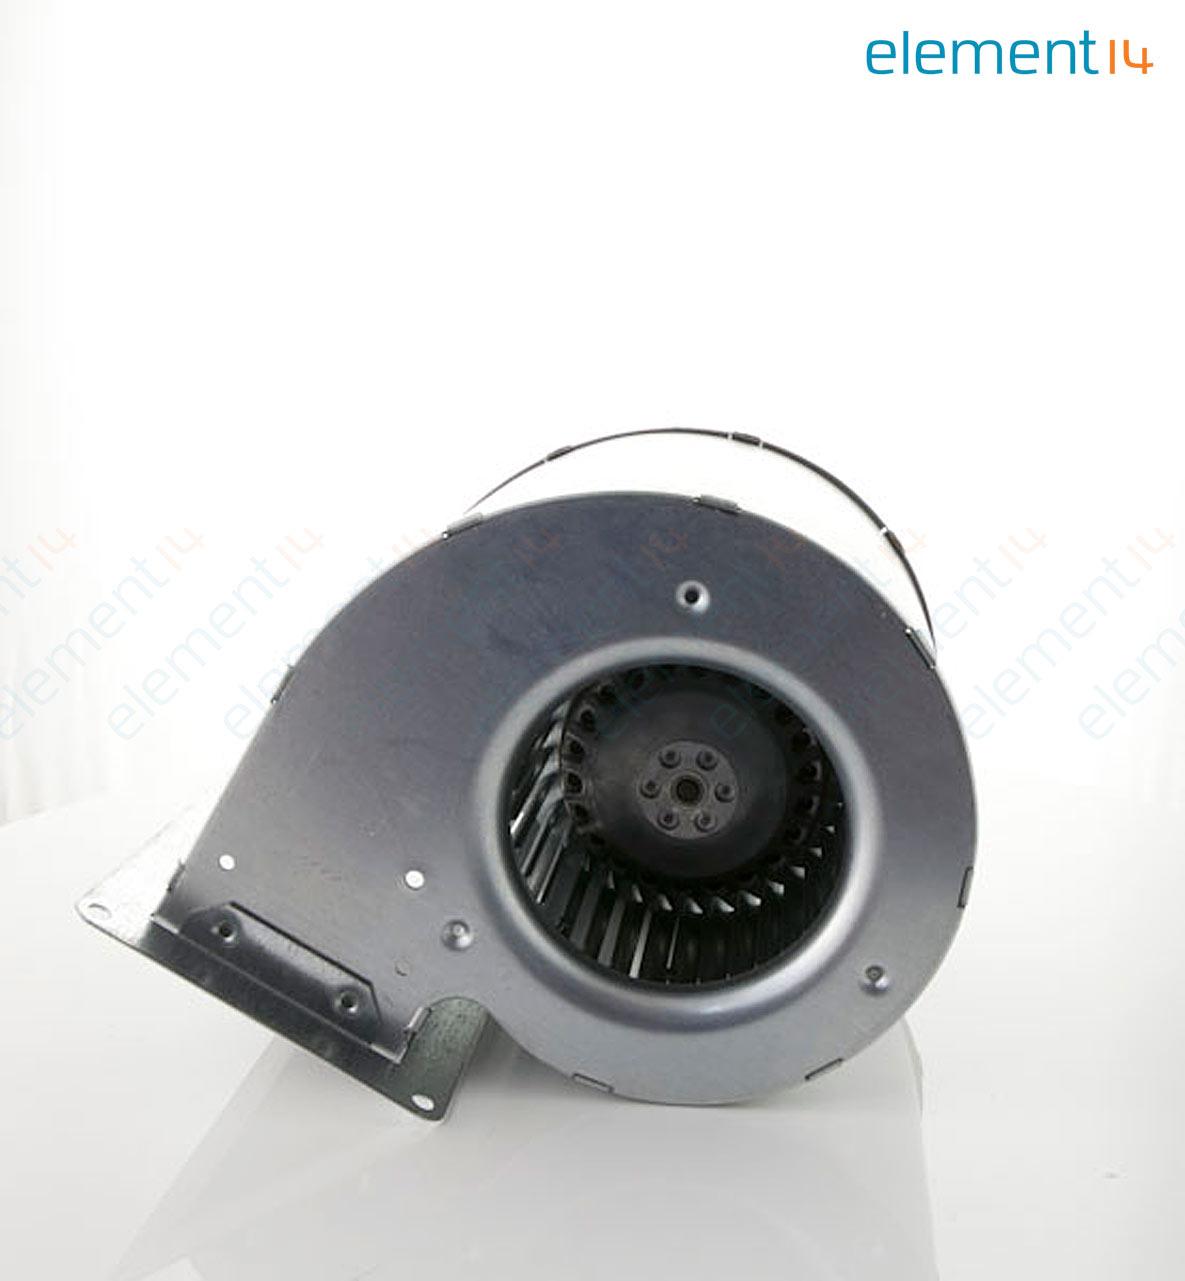 hight resolution of d2e097 bi56 50 fan blower